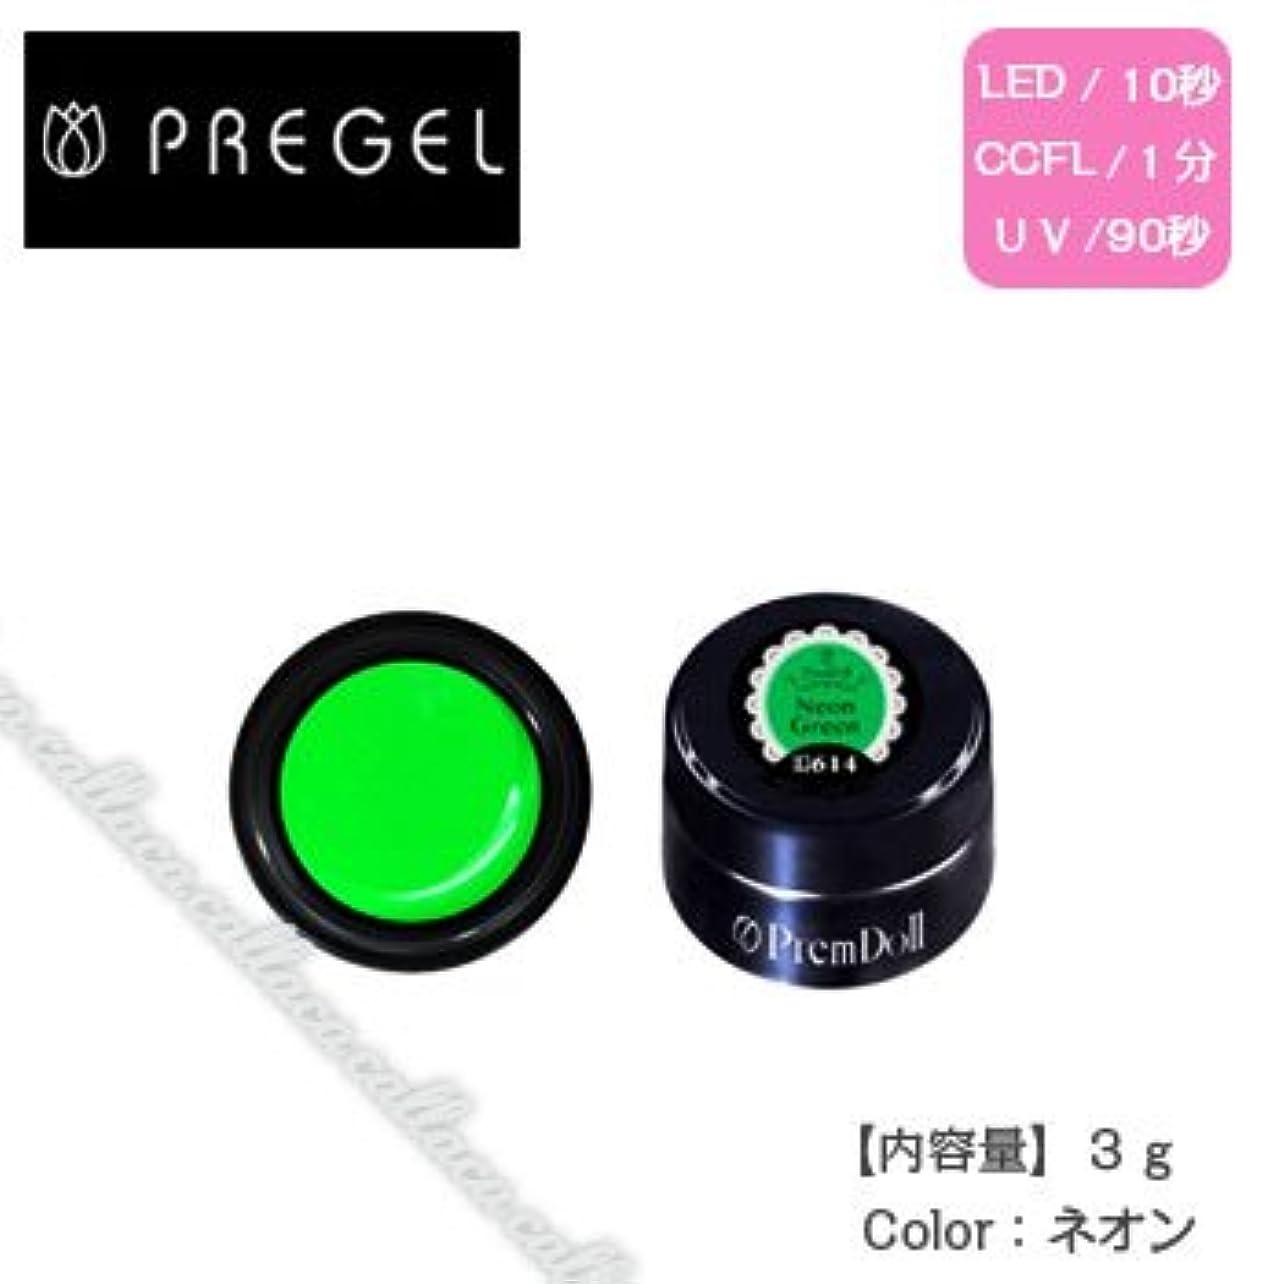 眠り承認生息地PREGEL プリジェル プリムドール DOLL-614 ネオングリーン 3g